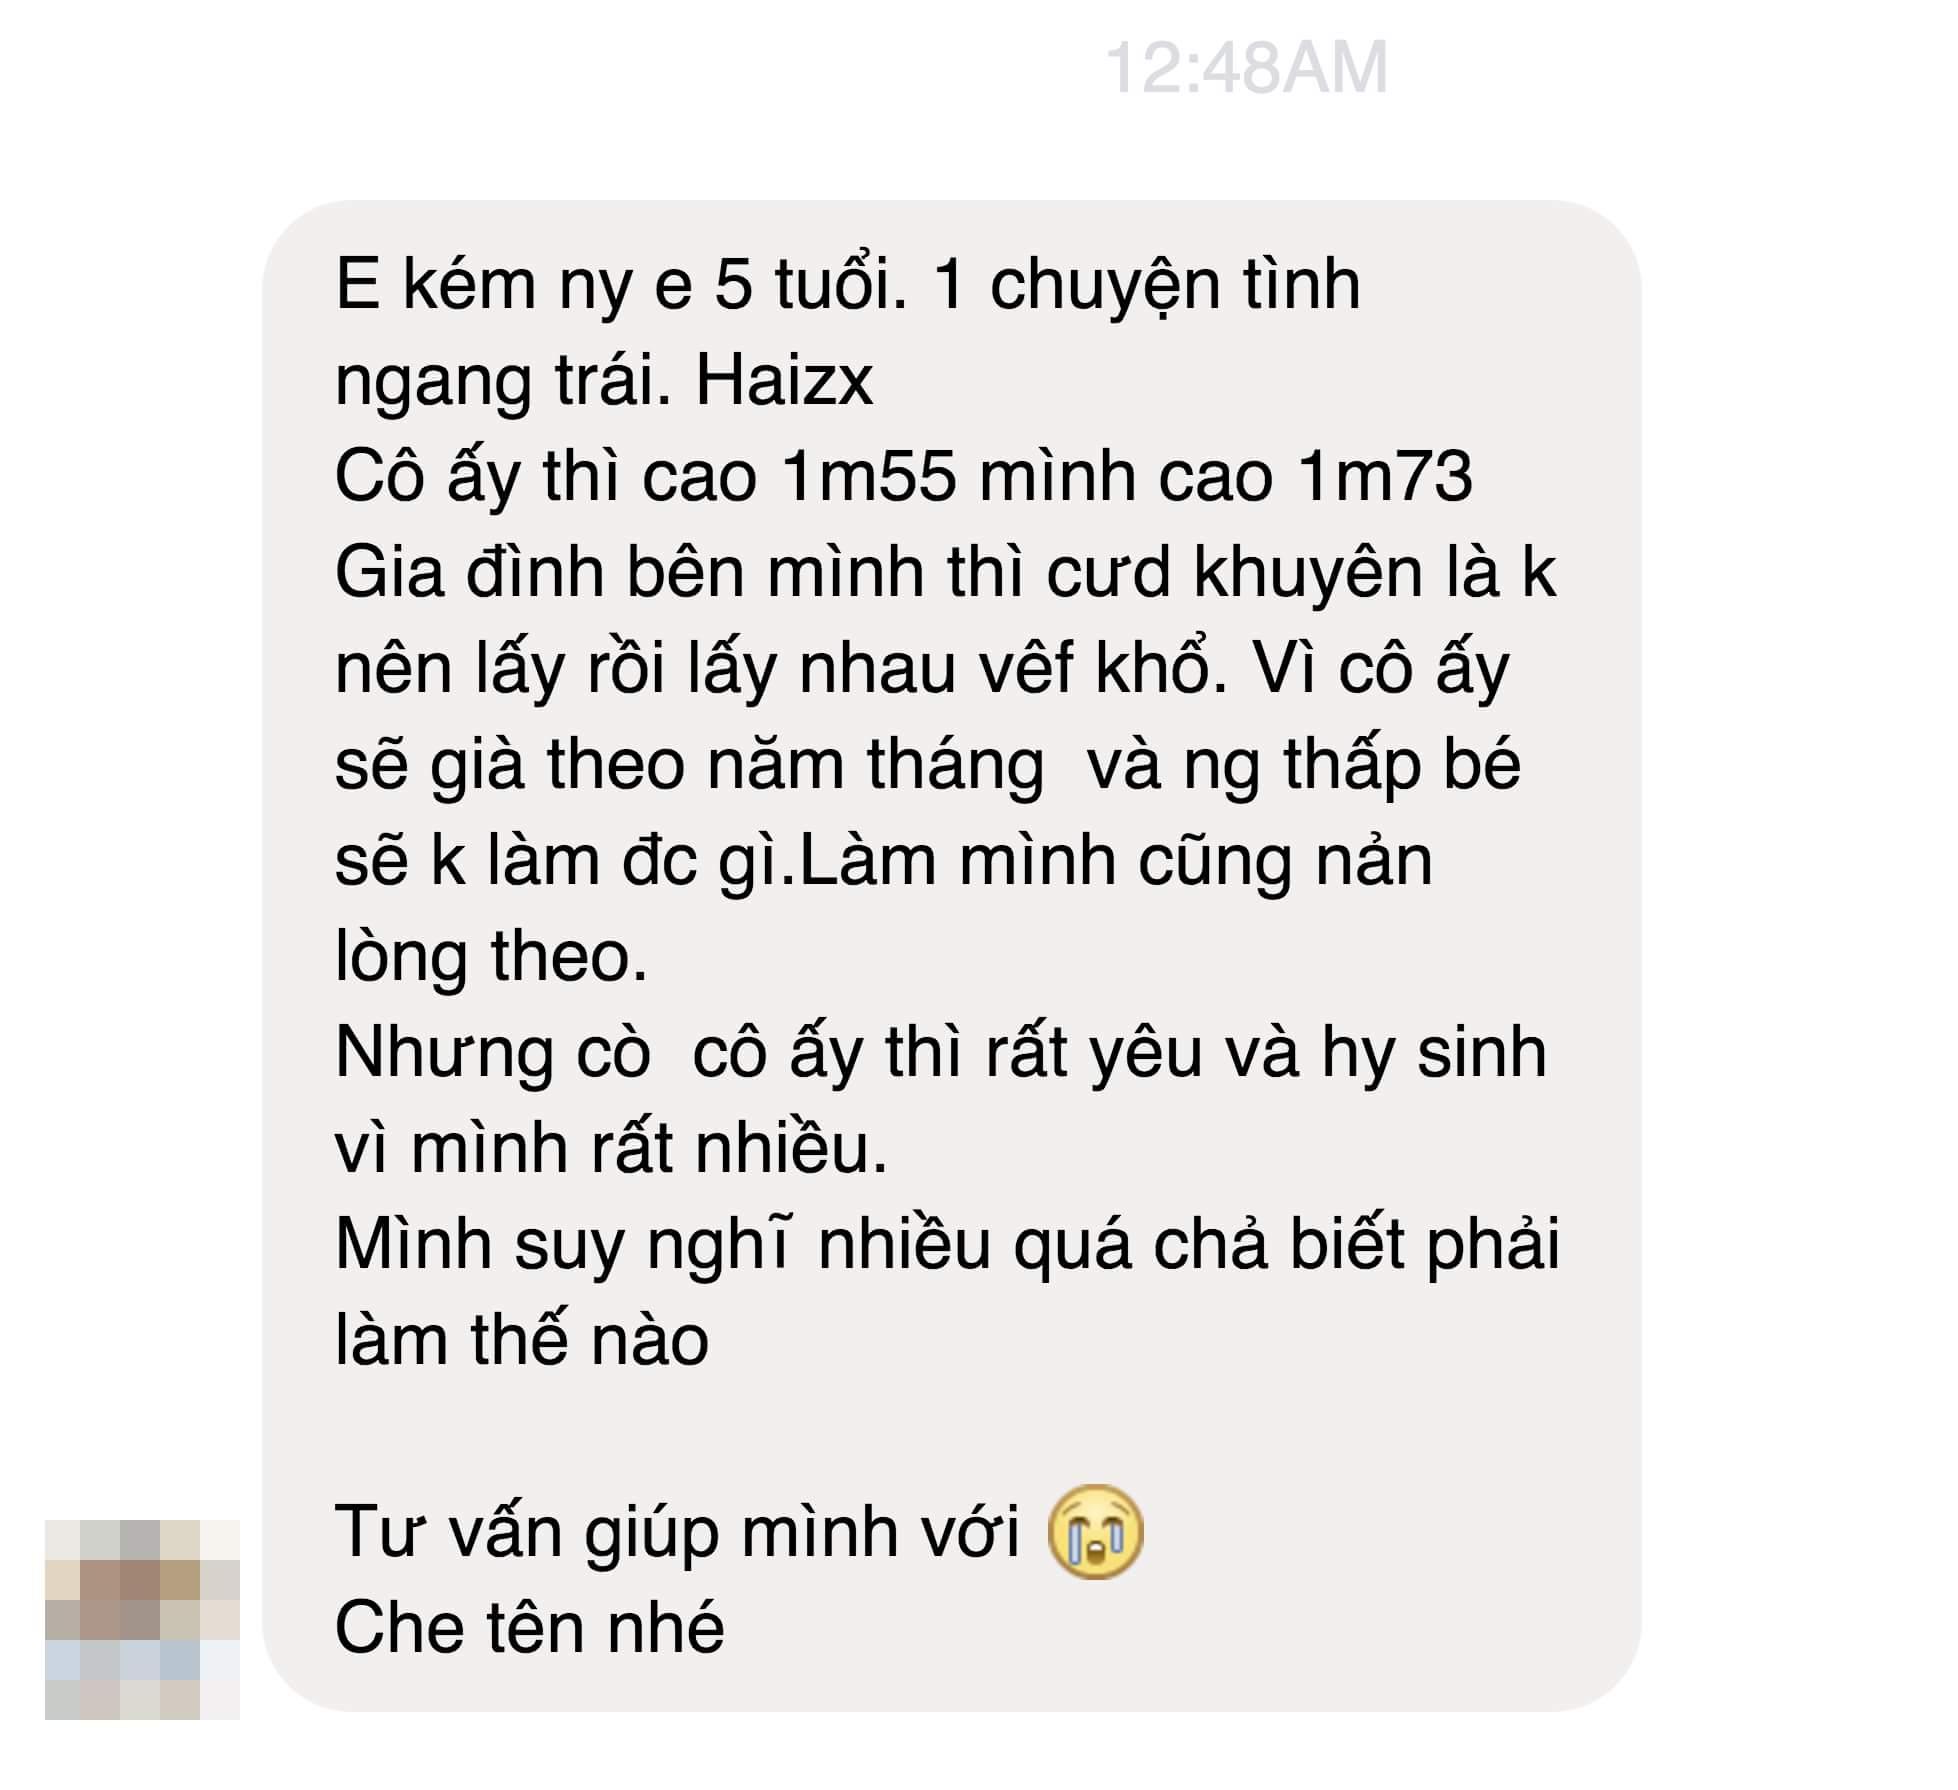 Gái 1m55, trai 1m73 mà bị gia đình cấm cản? :(   #nghiemtucvl